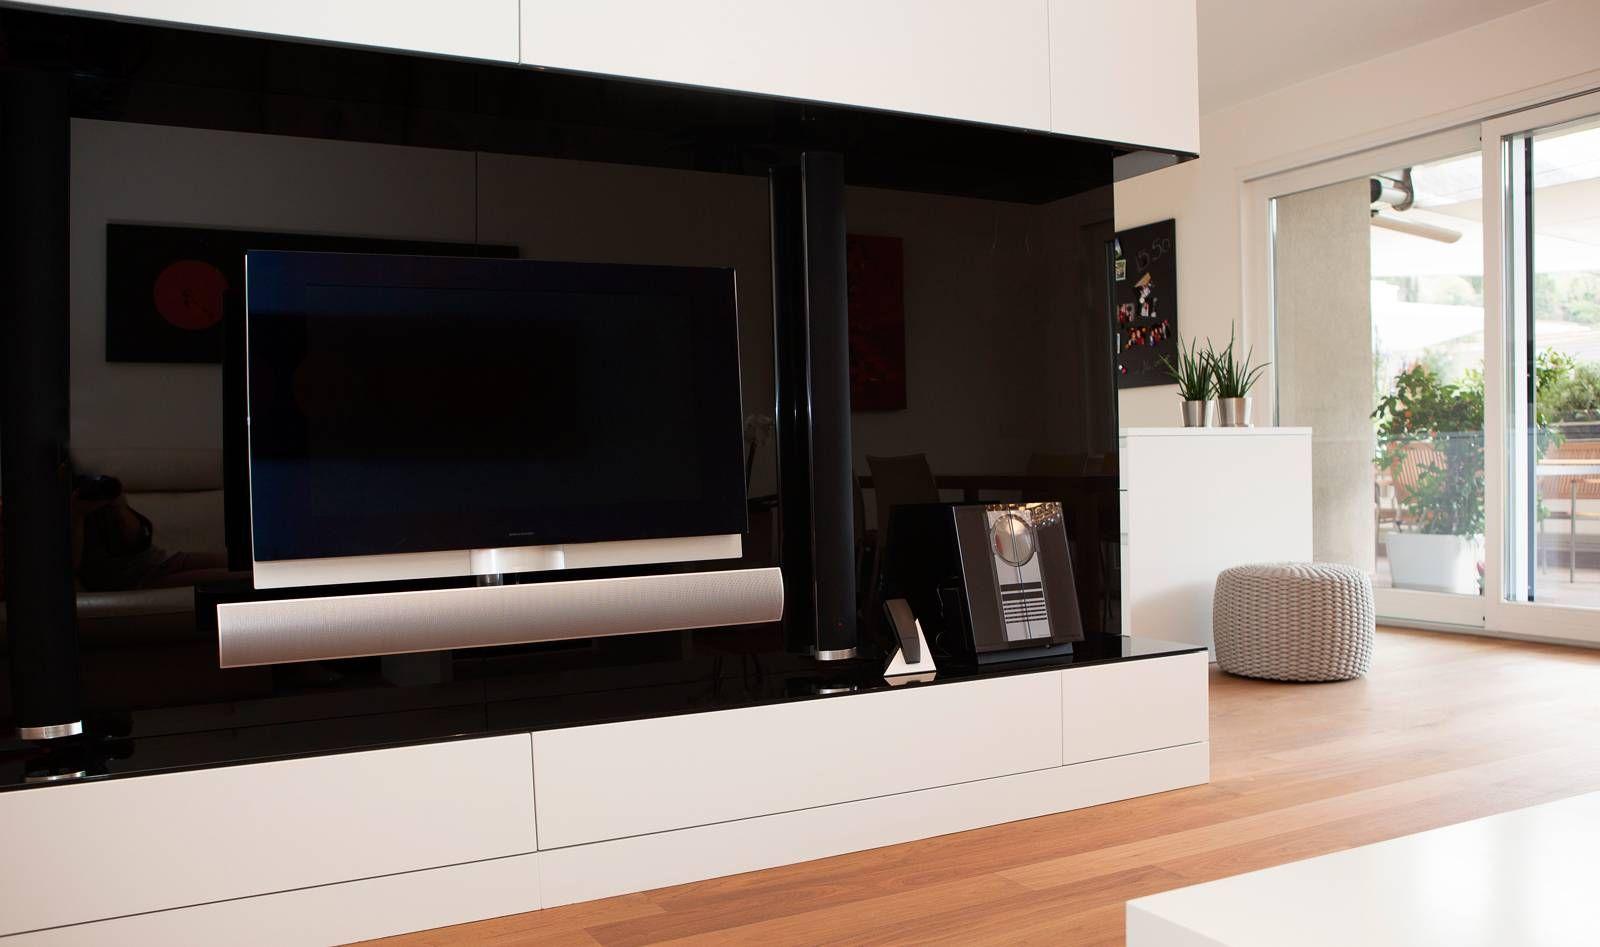 diseño de mueble para televisión moderno | architecture design and ... - Muebles De Diseno Para Tv